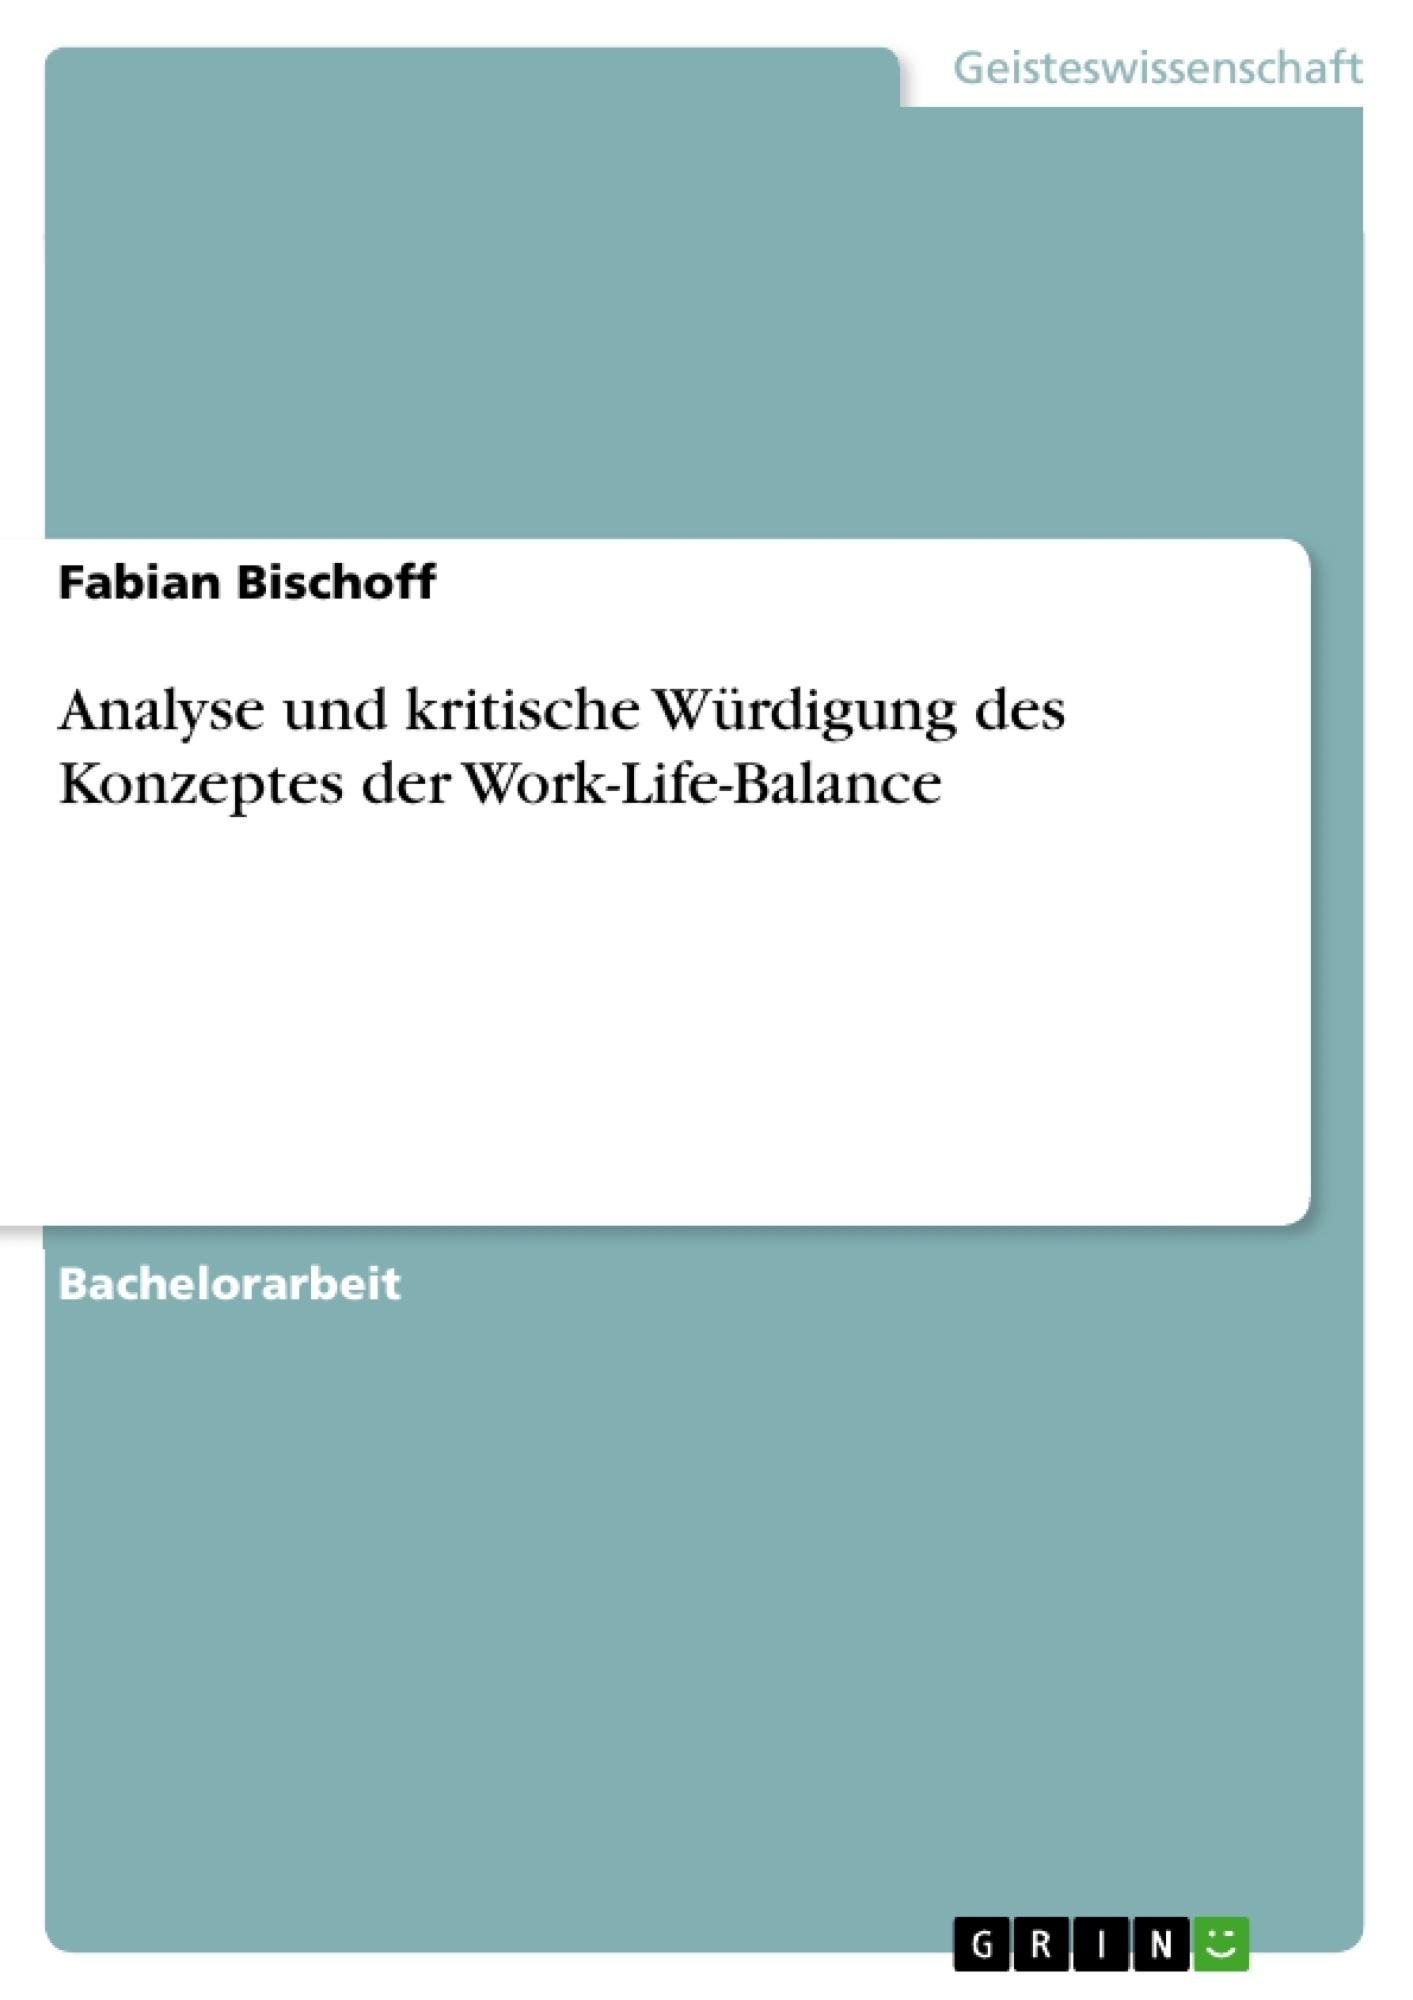 Titel: Analyse und kritische Würdigung des Konzeptes der Work-Life-Balance